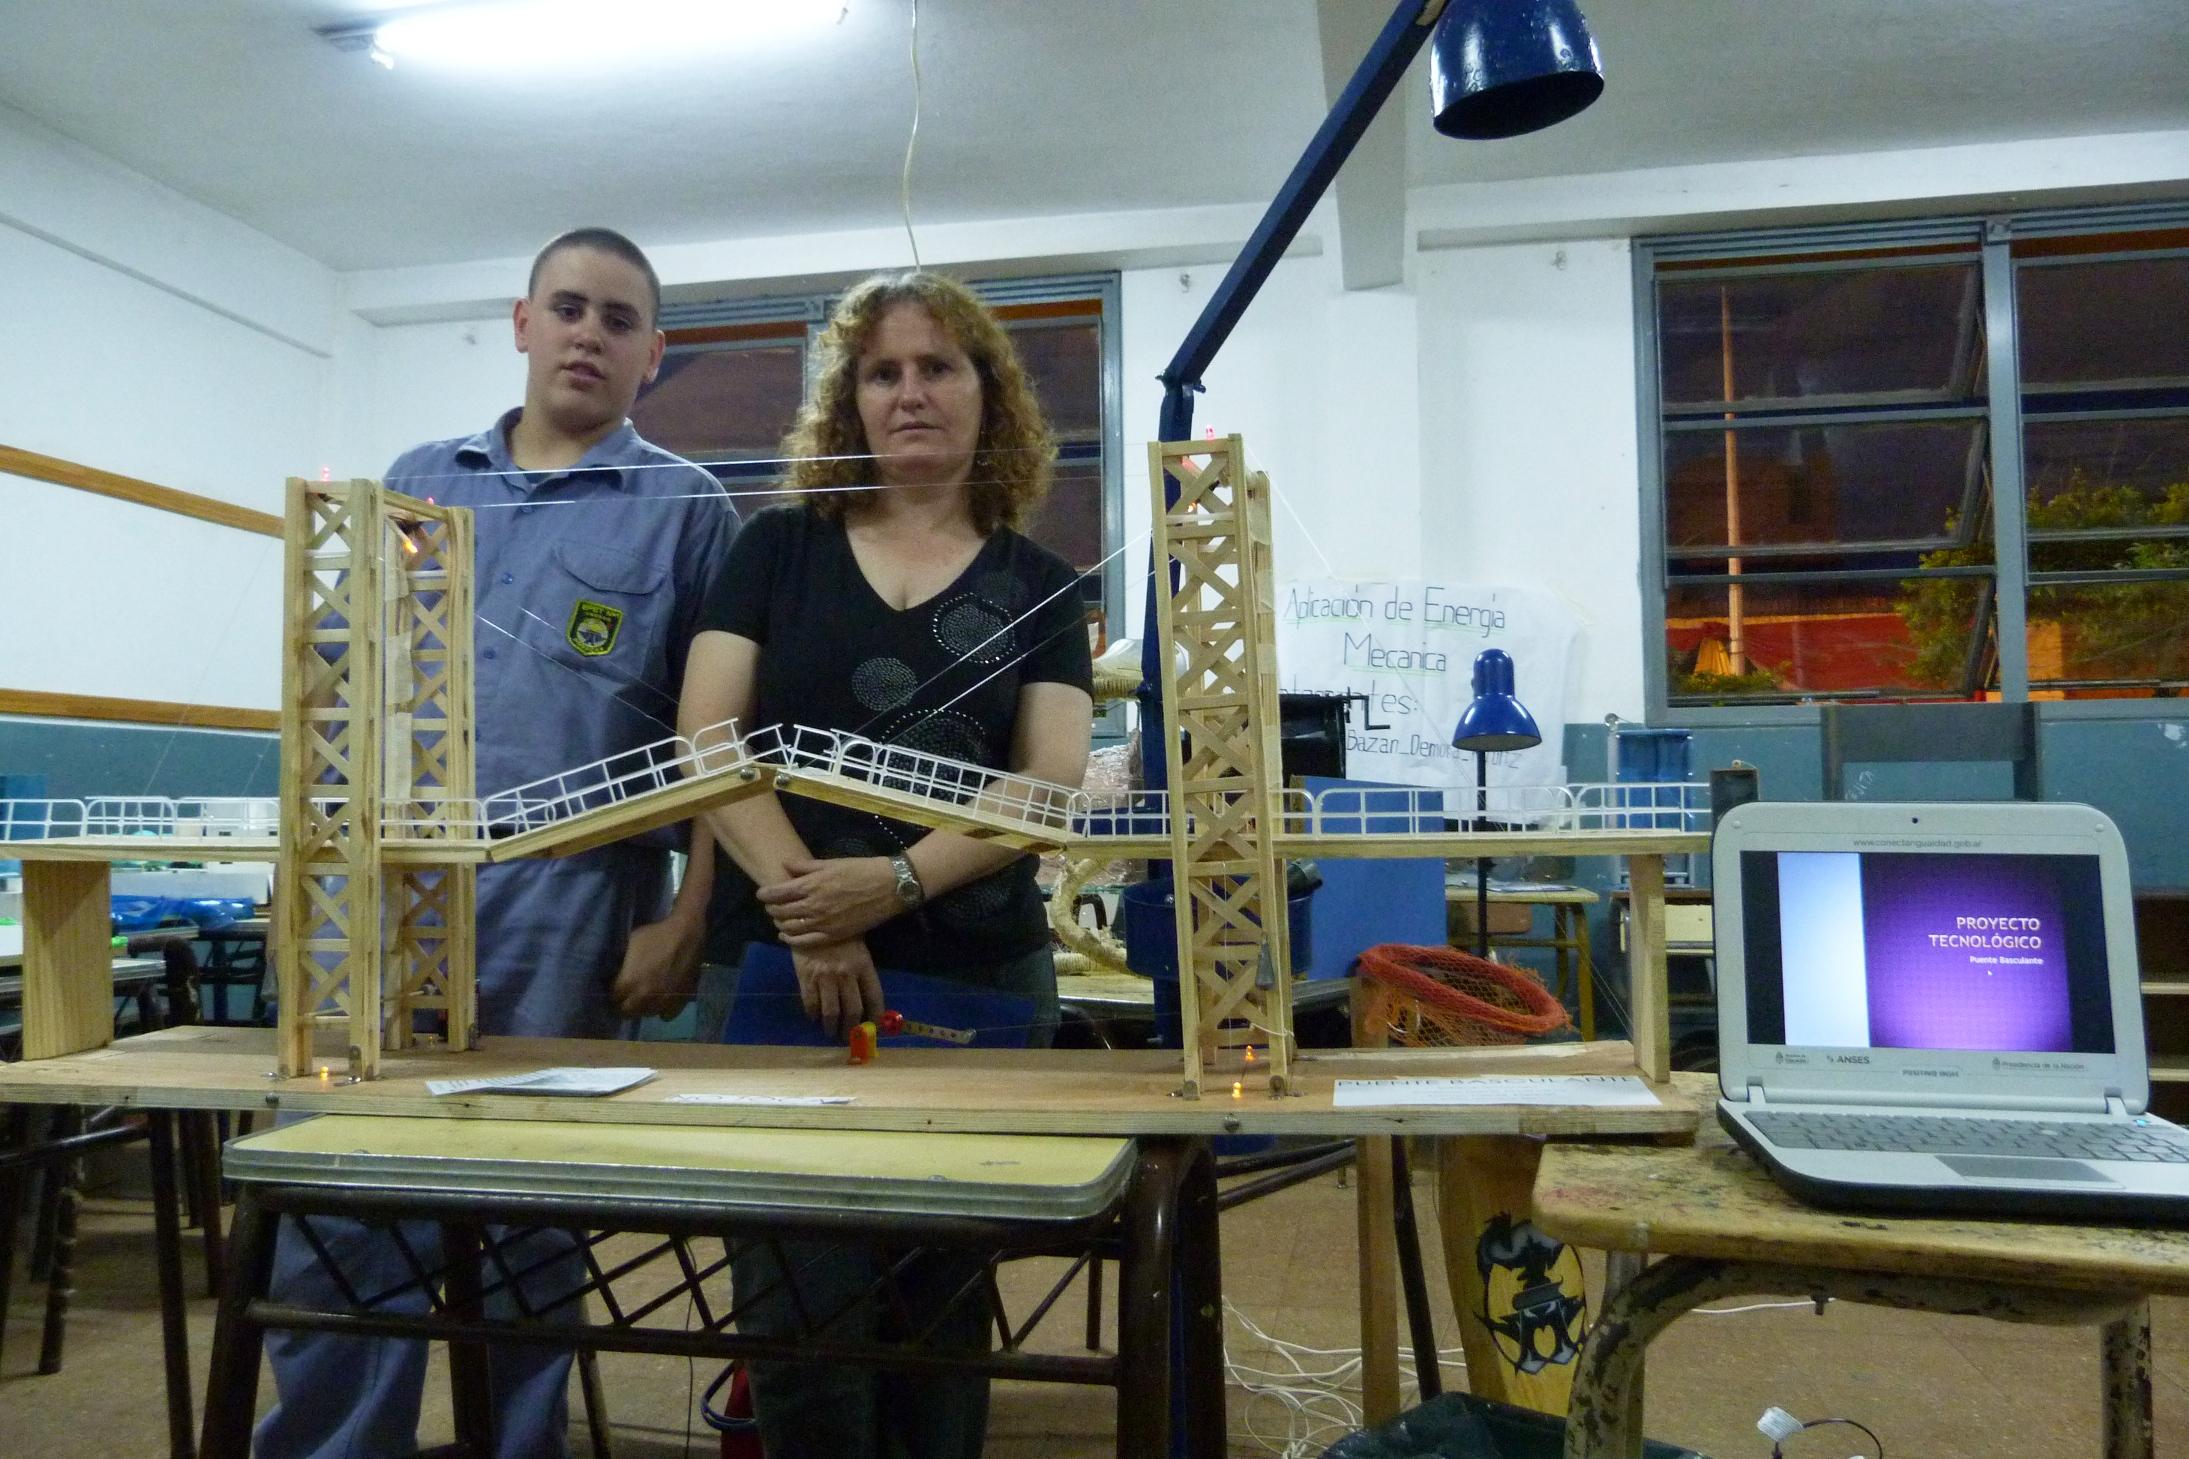 Ezequiel tiene 13 años y construyó solo un puente levadizo, con ayuda de la profe de Tecnología y el padre.